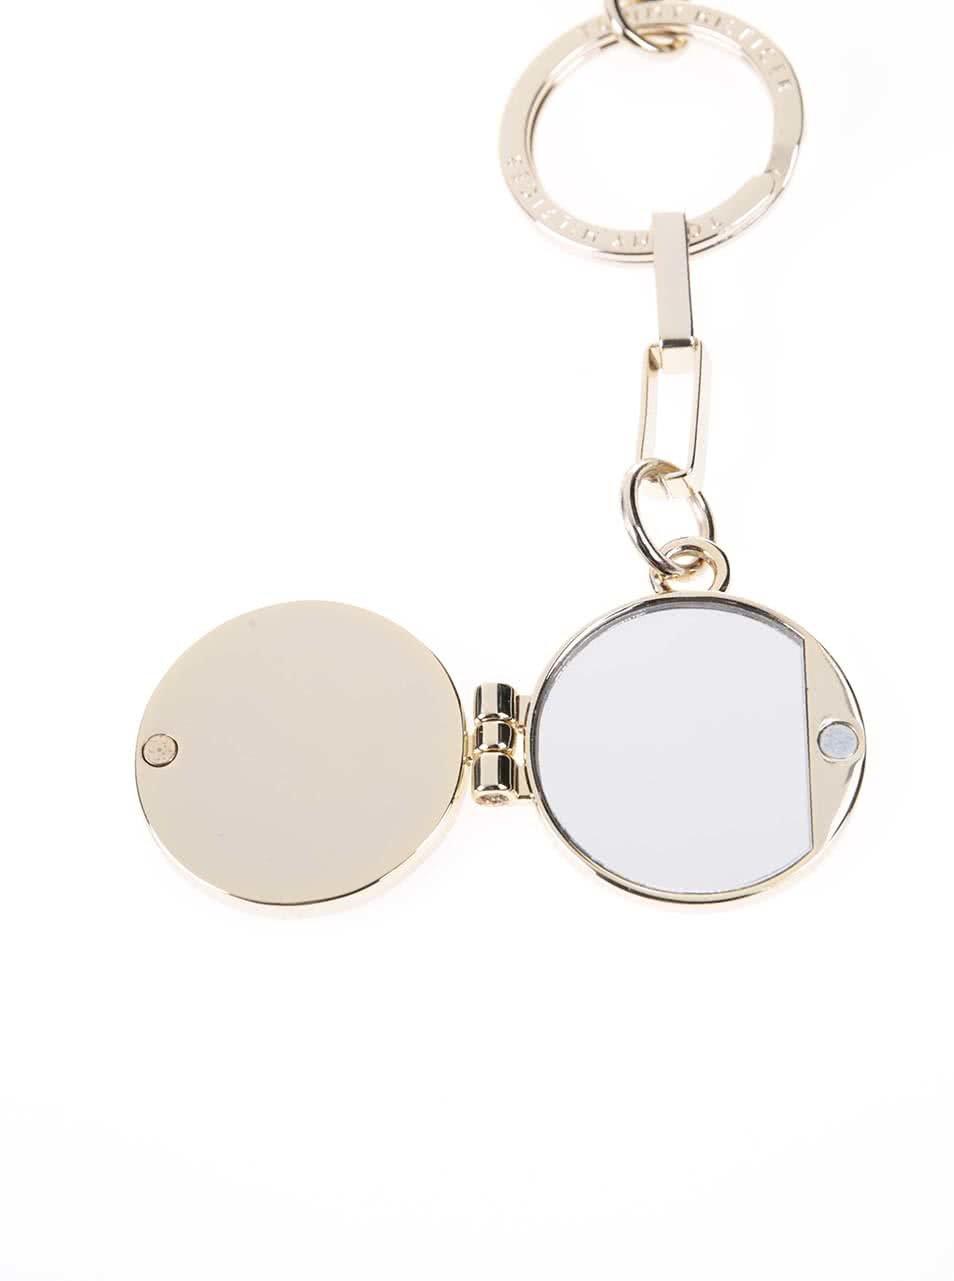 Čierne dámske zrkadlo na kľúče Tommy Hilfiger Rosanna ... 80b306ceff1